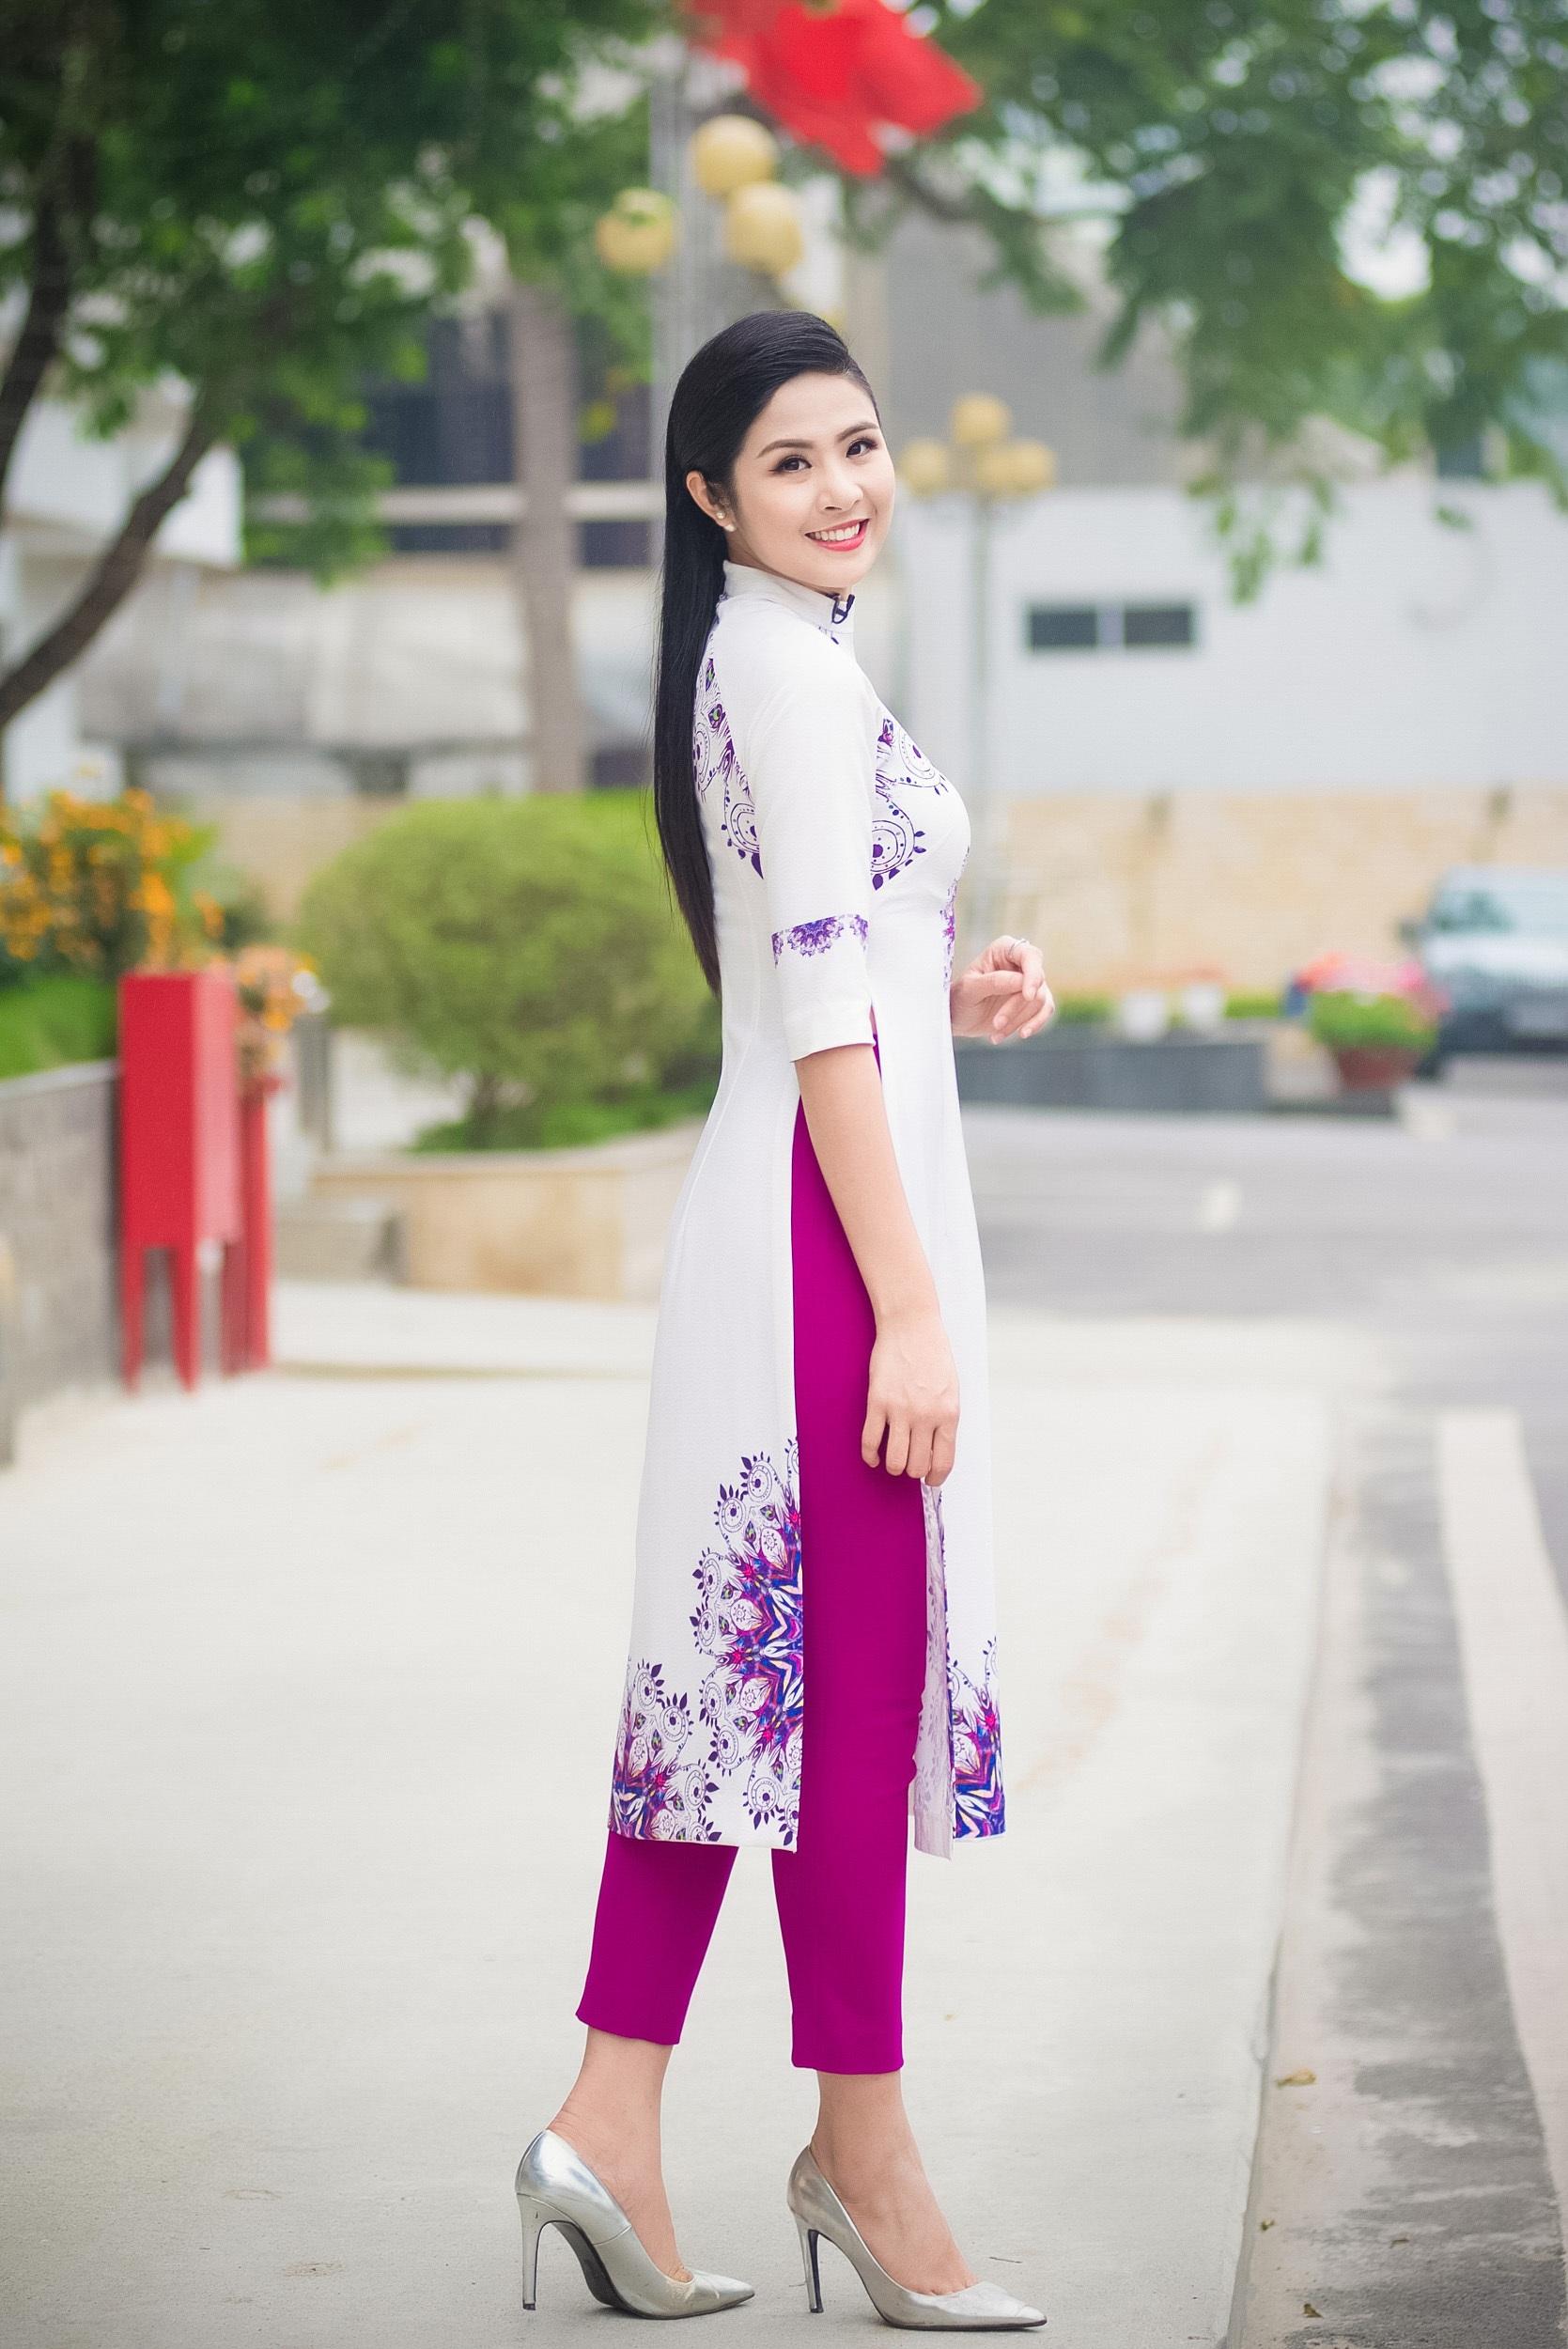 Mới đây, Ngọc Hân nhận lời tham gia một chương trình của VTV. Trong buổi ghi hình cùng MC Anh Tuấn, Hoa hậu chia sẻ về danh sách bài hát cô yêu thích và gắn liền với những kỷ niệm trong cuộc sống của cô.